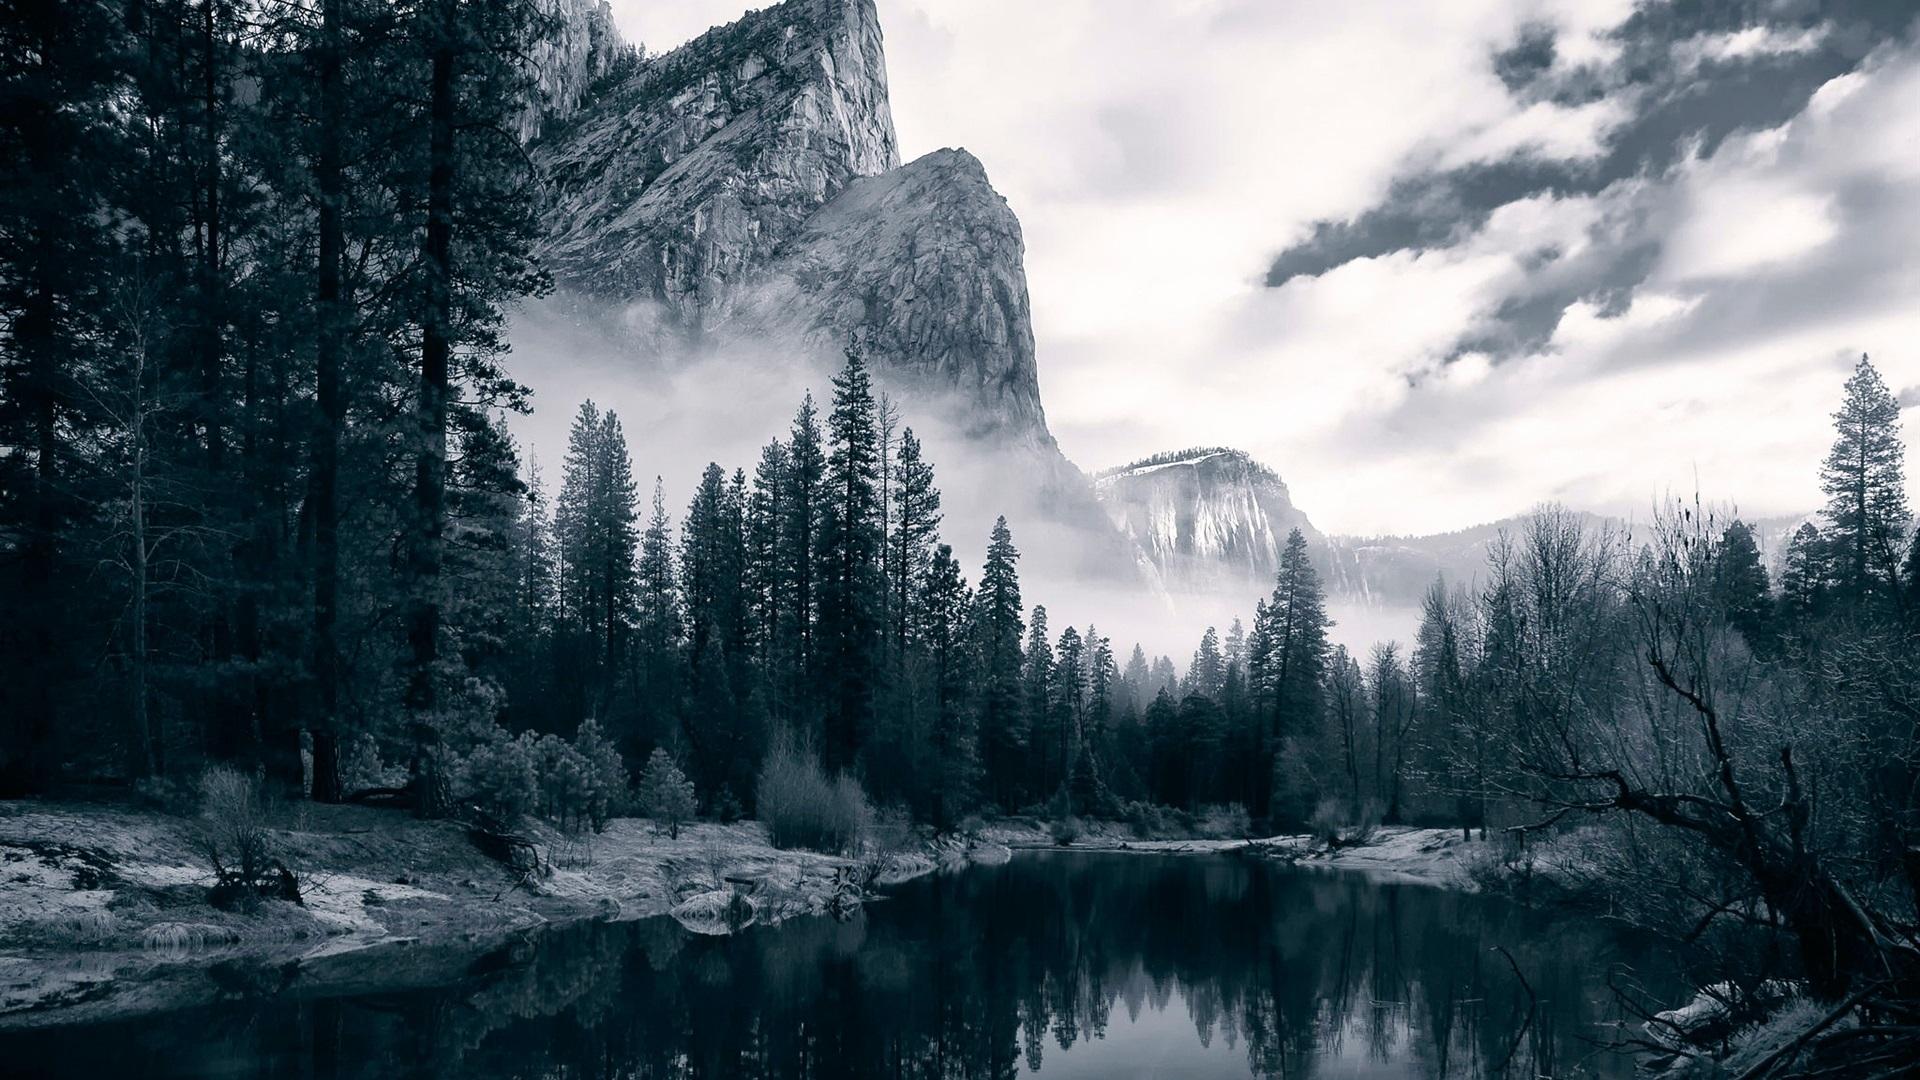 ヨセミテ国立公園の画像 p1_19